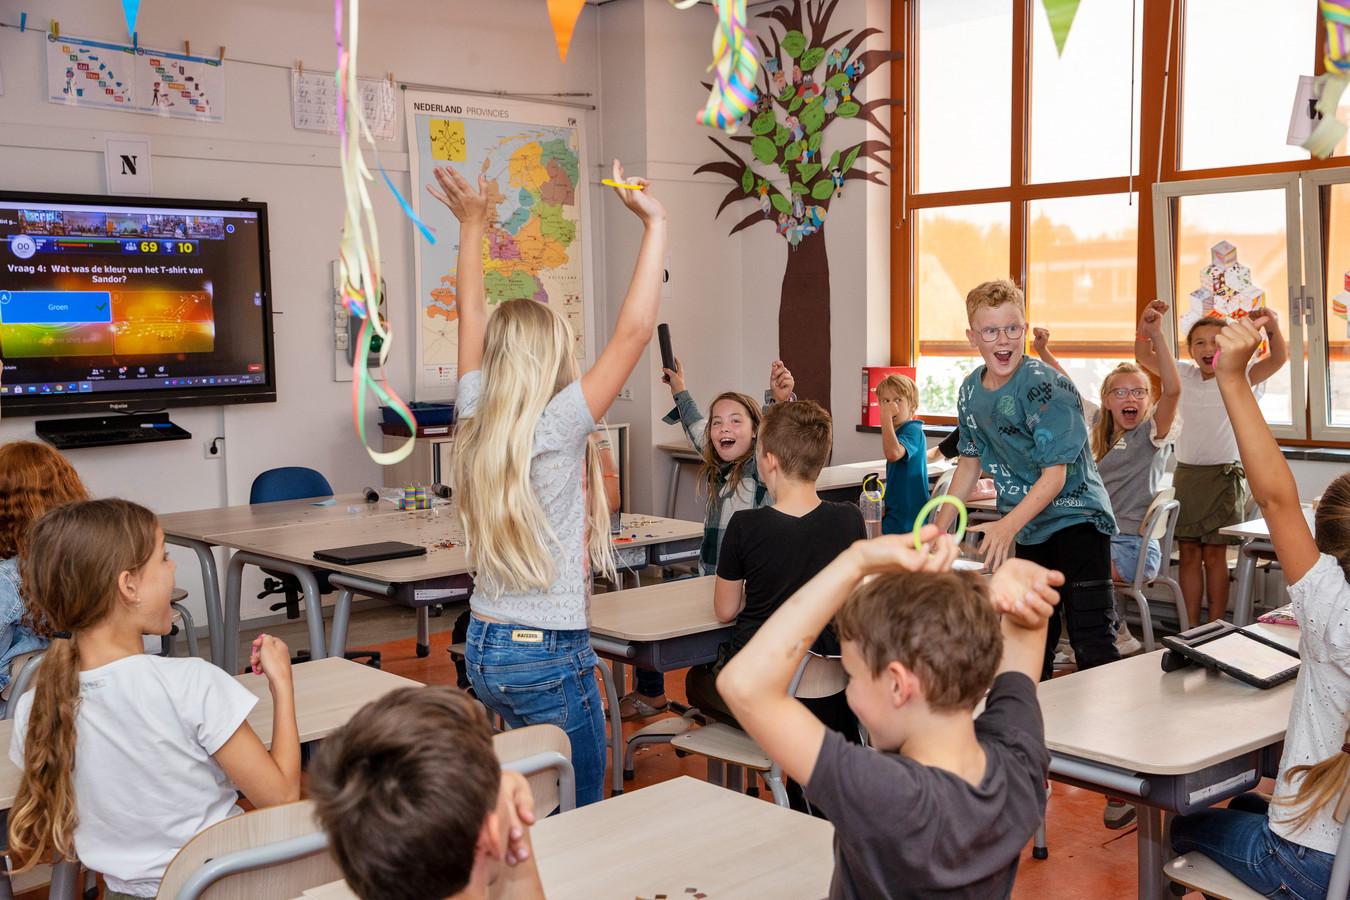 Groep 6  van basisschool St. Jan Baptist juicht als er weer een vraag goed is beantwoord tijdens het Grote Chaos Confettifestival.